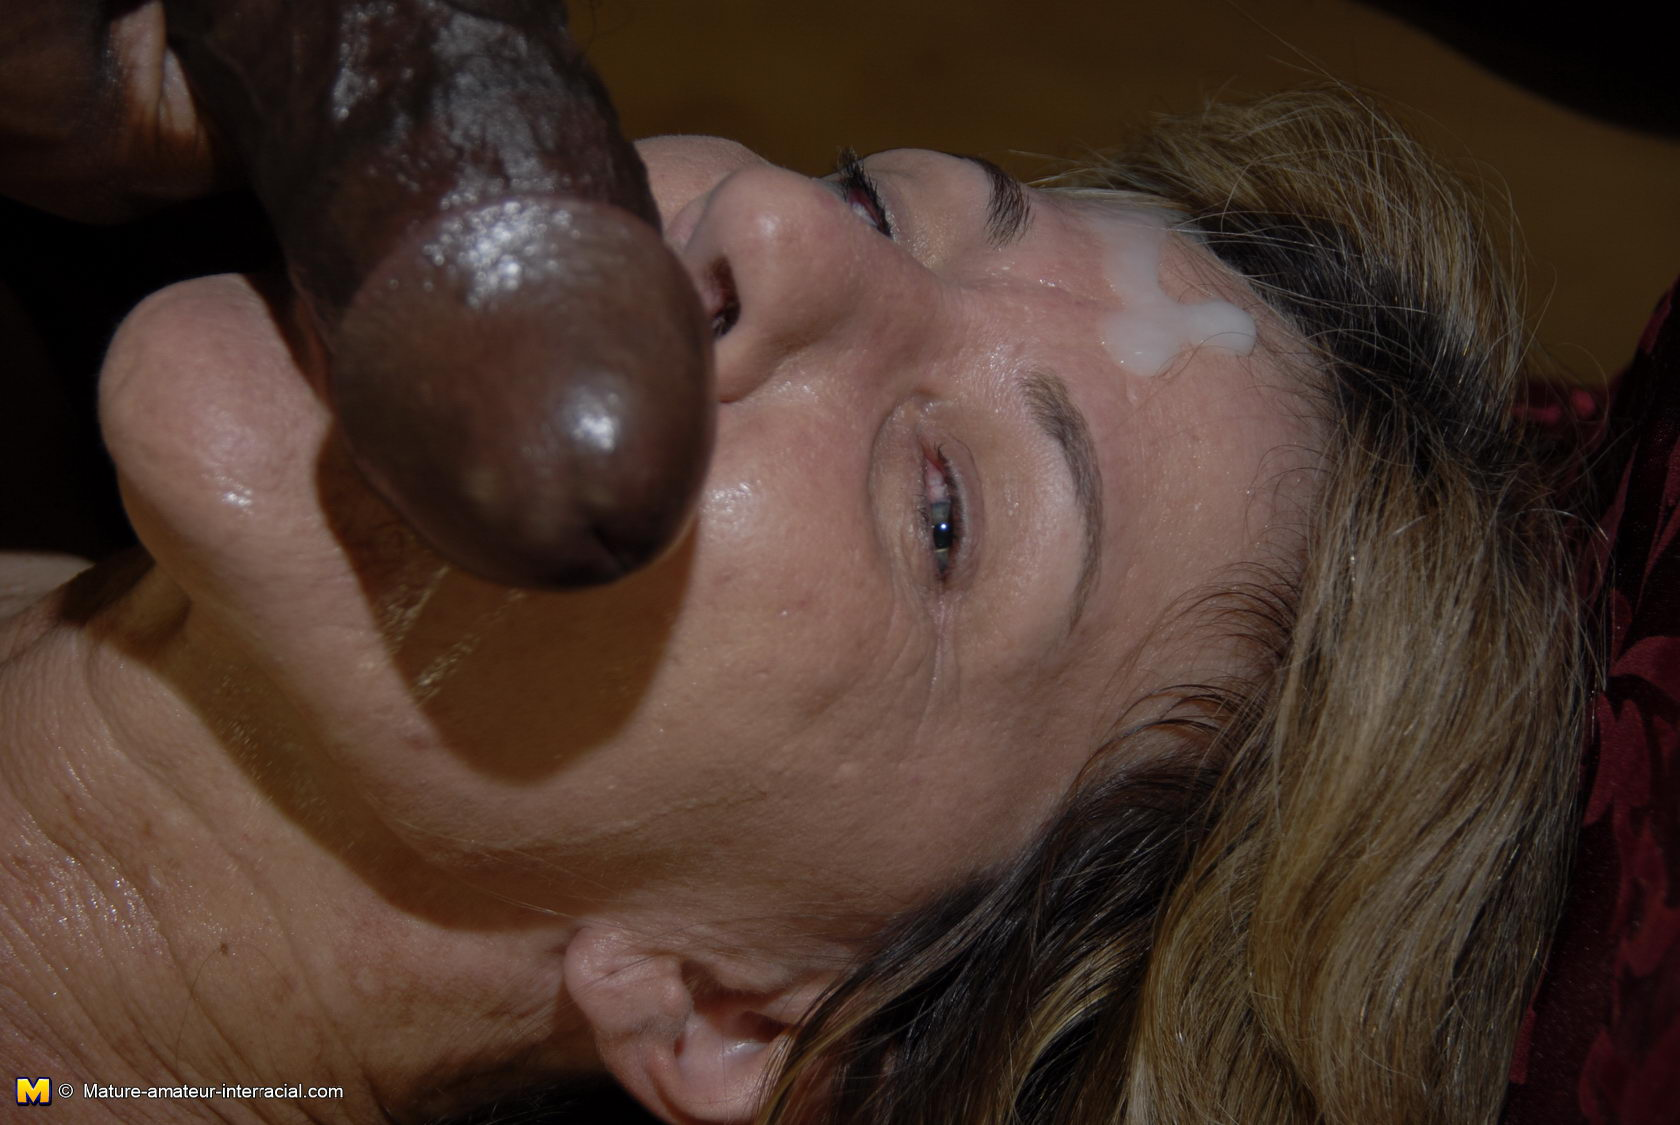 Enter Mature Amateur Interracial